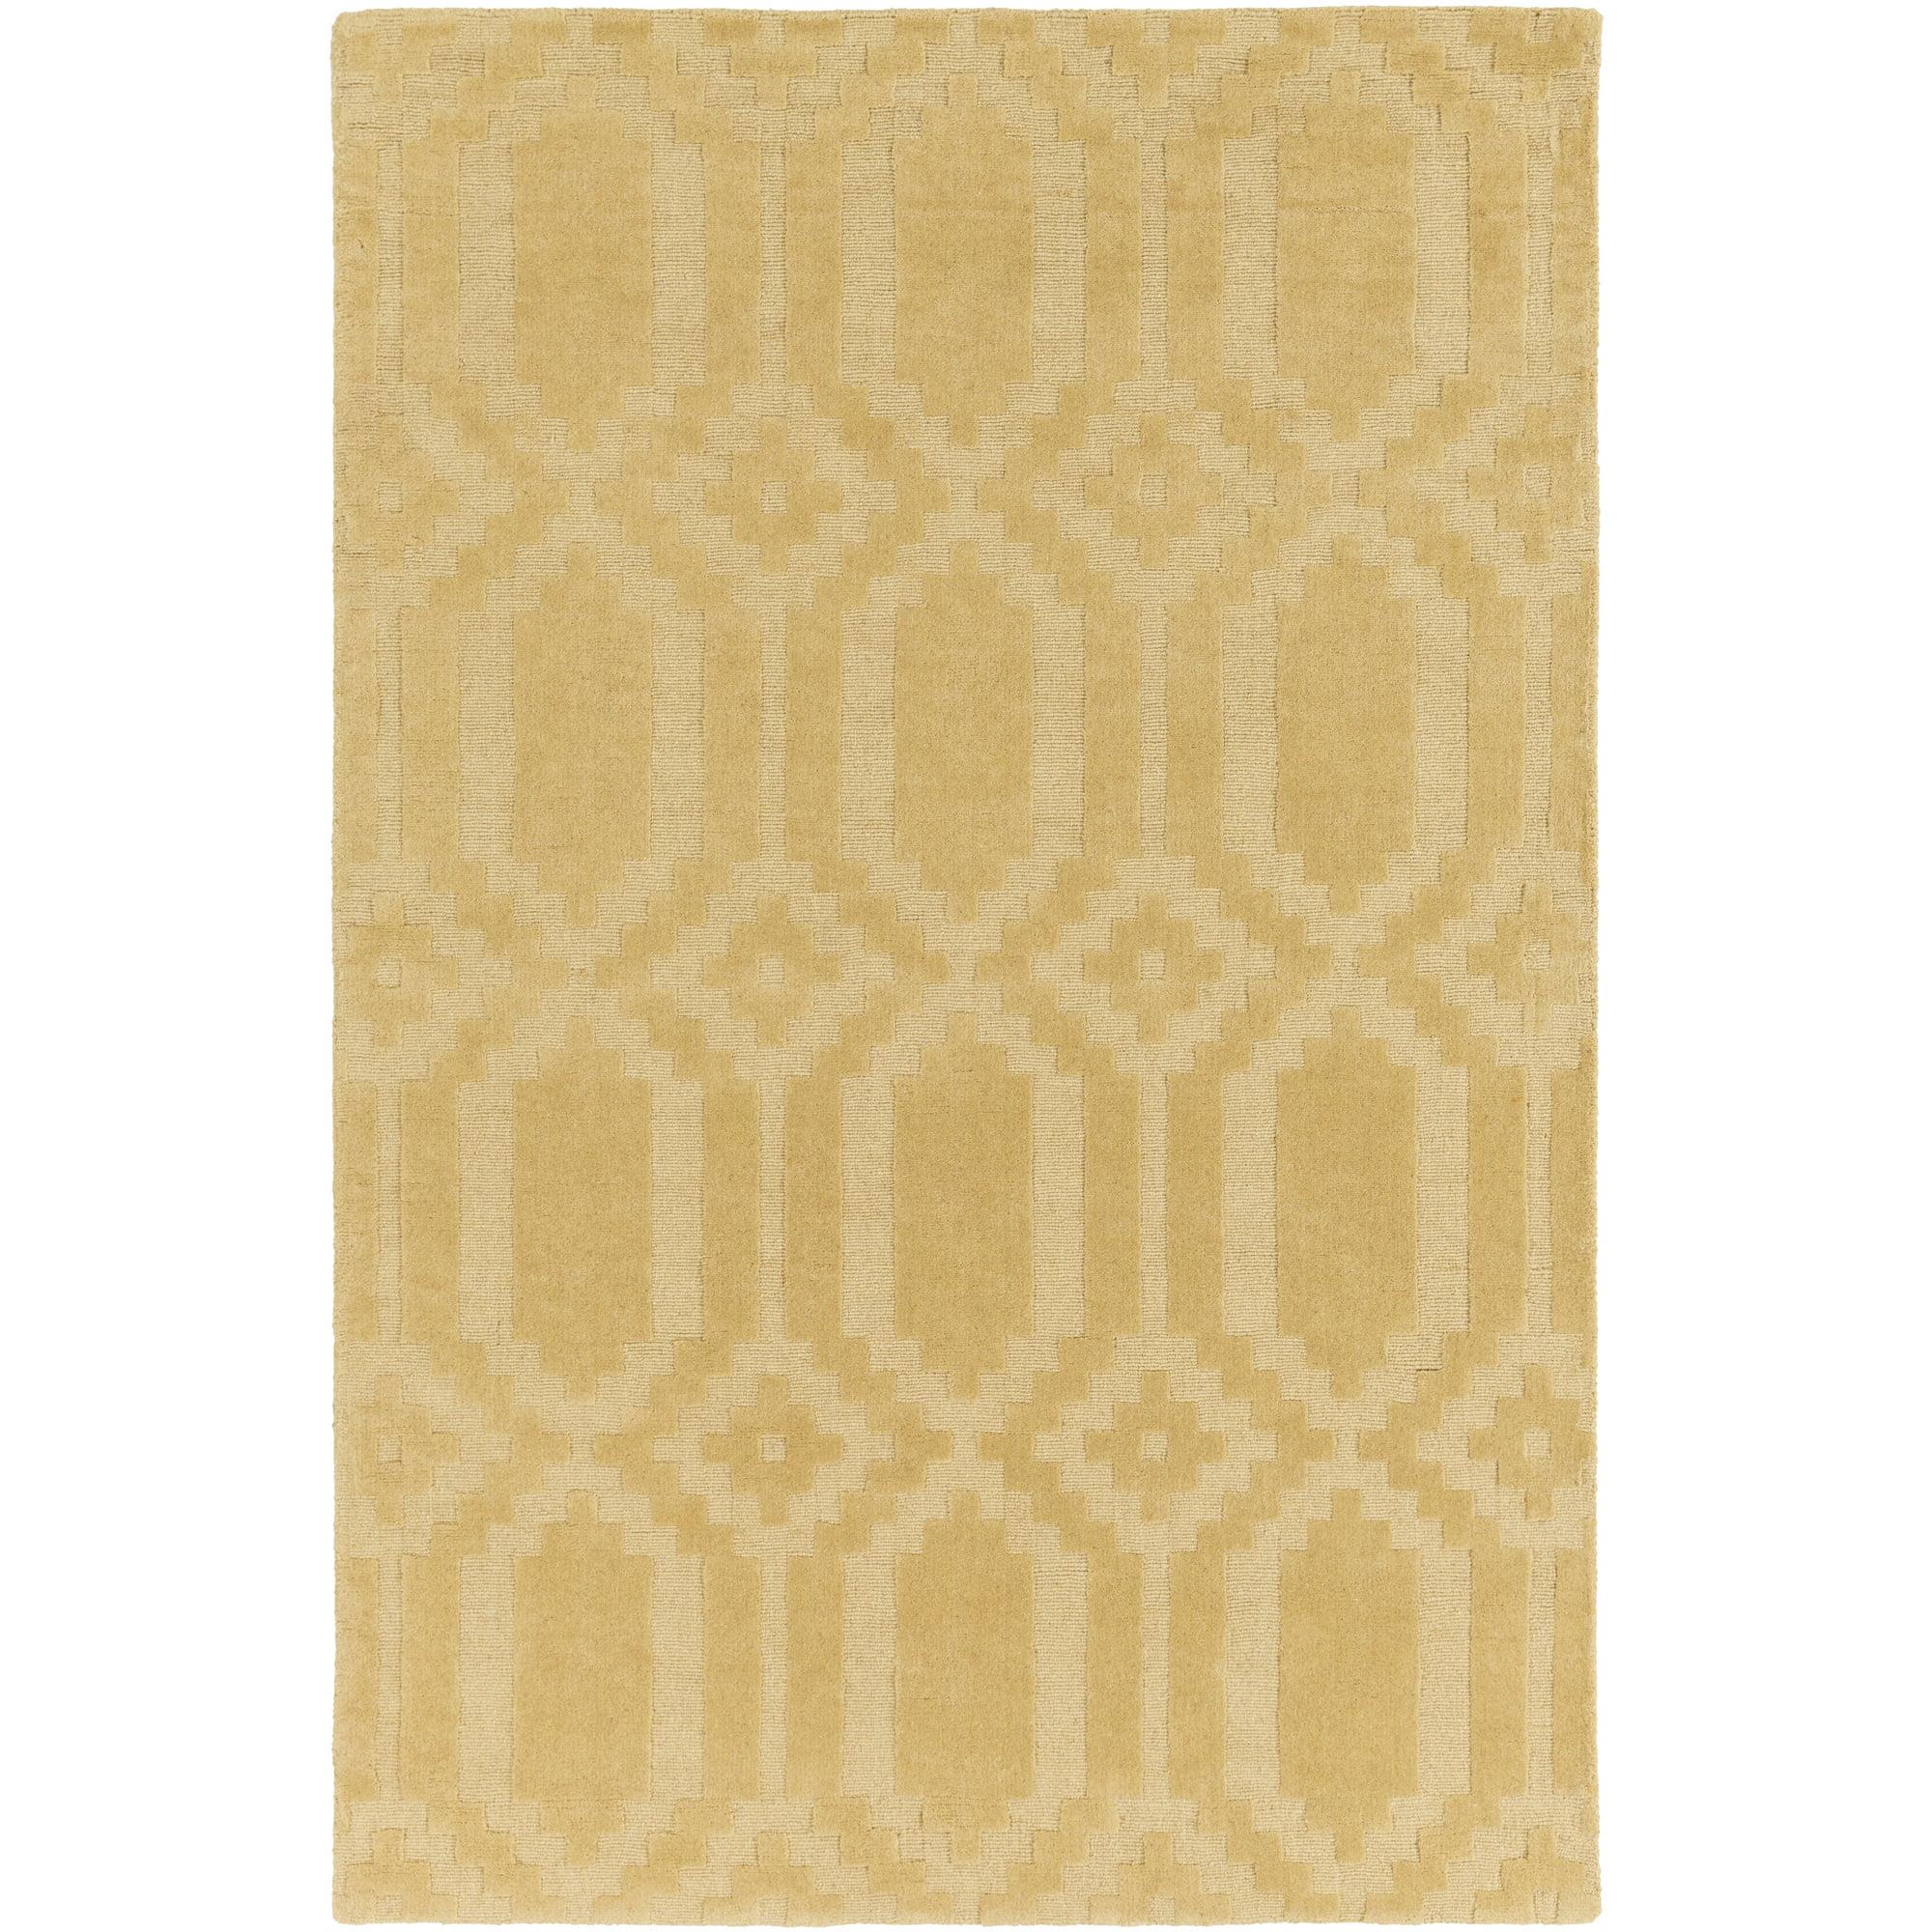 Surya Carpet, Inc. Hand-Loomed Hinckley Wool Rug (2' x 3') - 2' x 3'